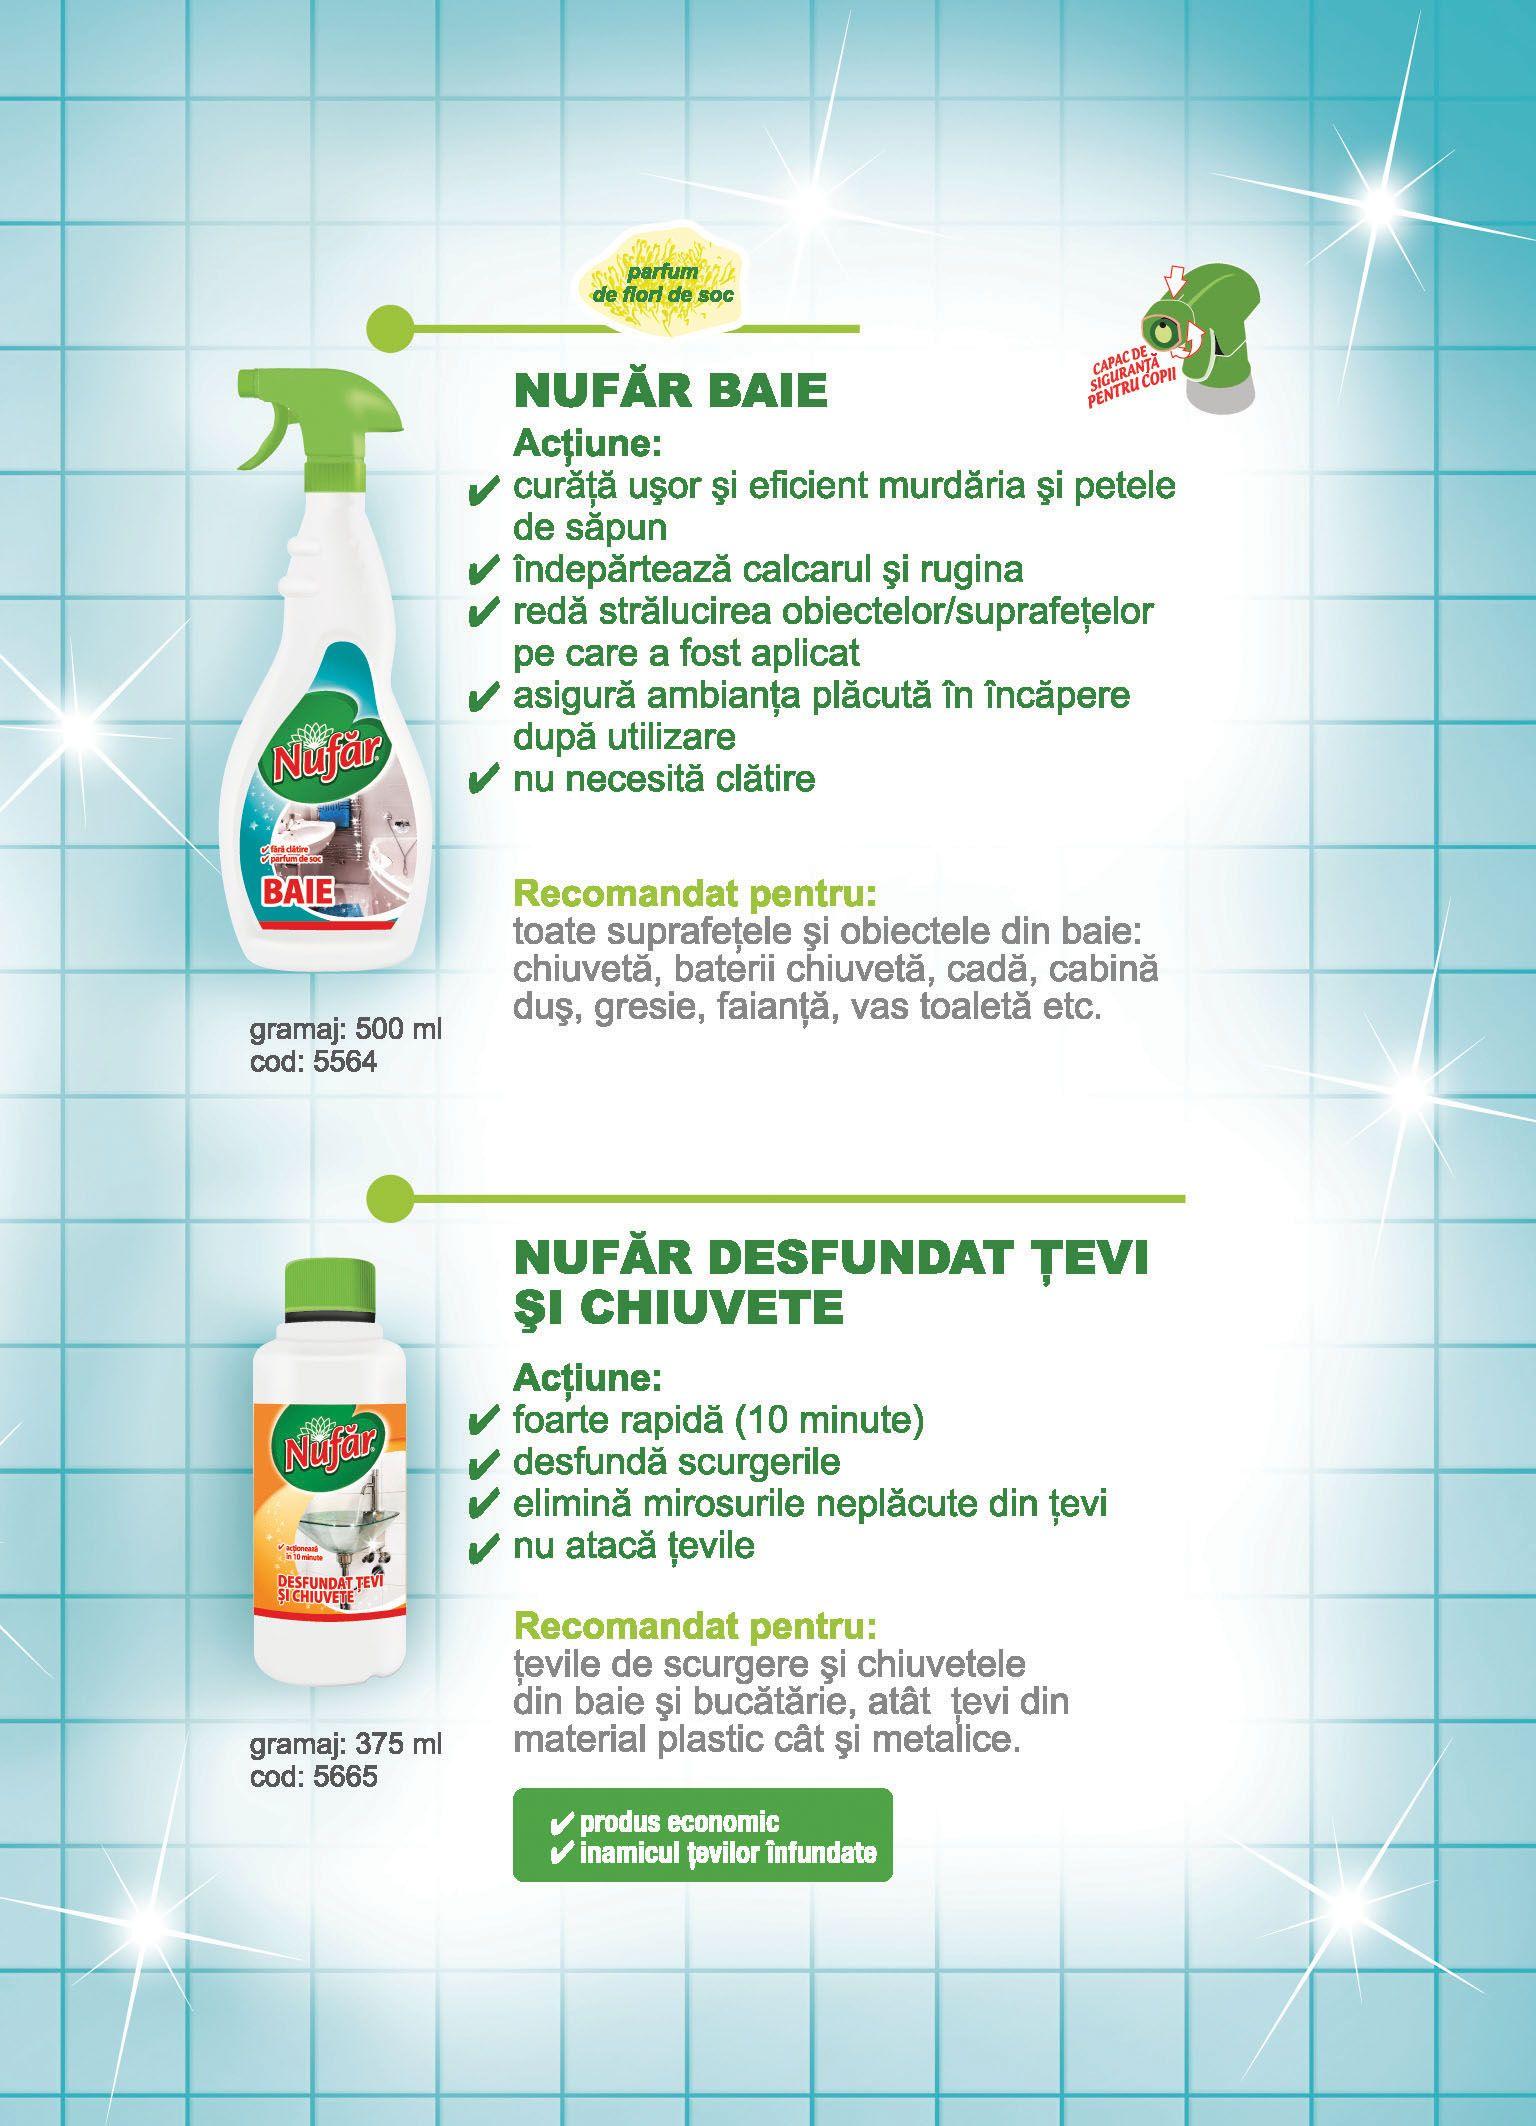 dezintoxicare pur colonică asiatică u0026 detox colon pur bacterii gheata kfc